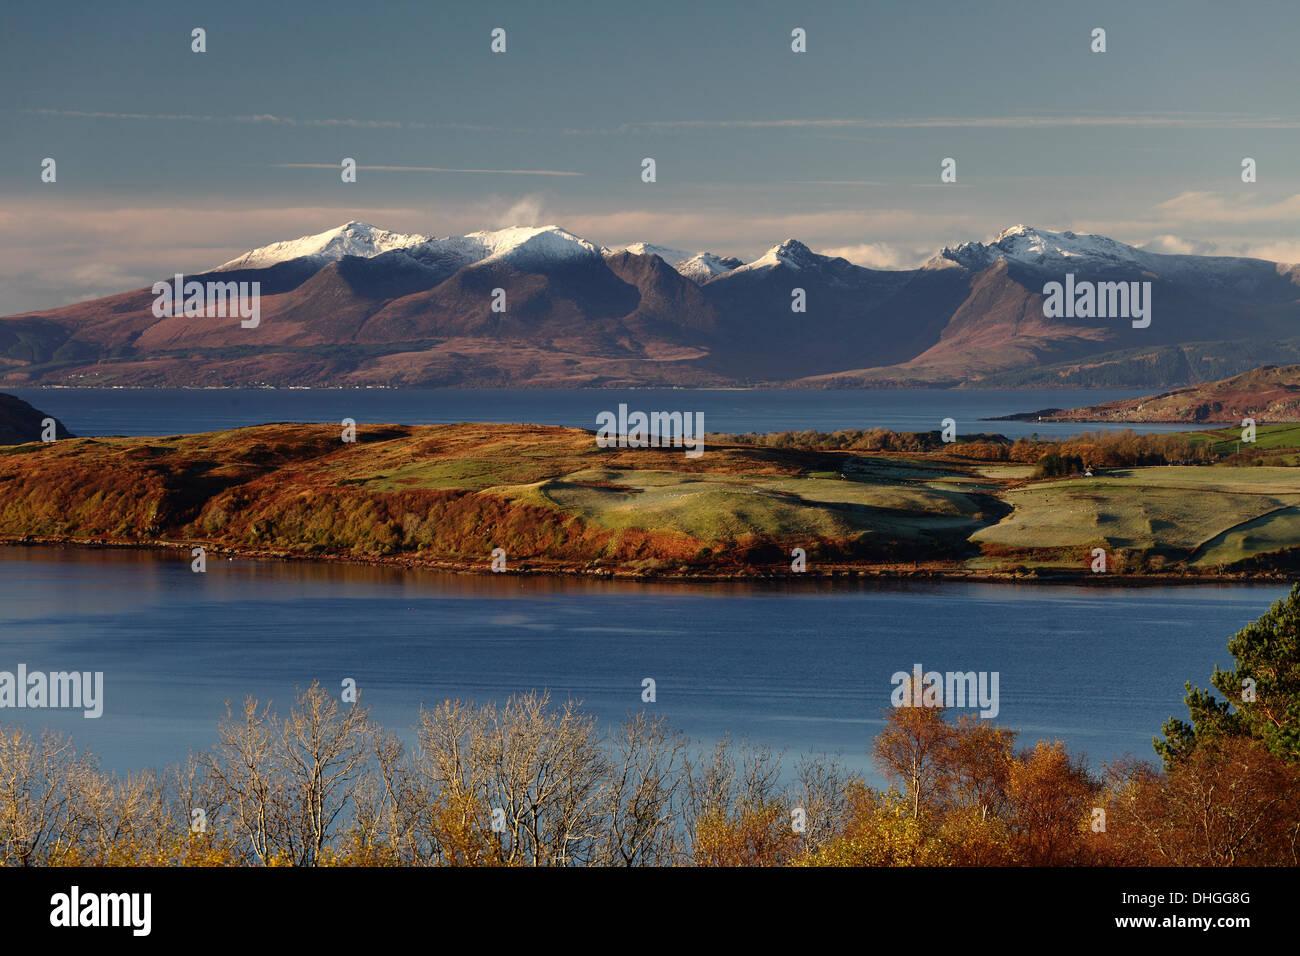 Haylie Brae, North Ayrshire, Écosse, Royaume-Uni, dimanche 10 novembre 2013. Tôt le matin automne soleil sur les montagnes enneigées sur l'île d'Arran sur le Firth de Clyde avec l'île de Great Cumbrae en premier plan. Banque D'Images